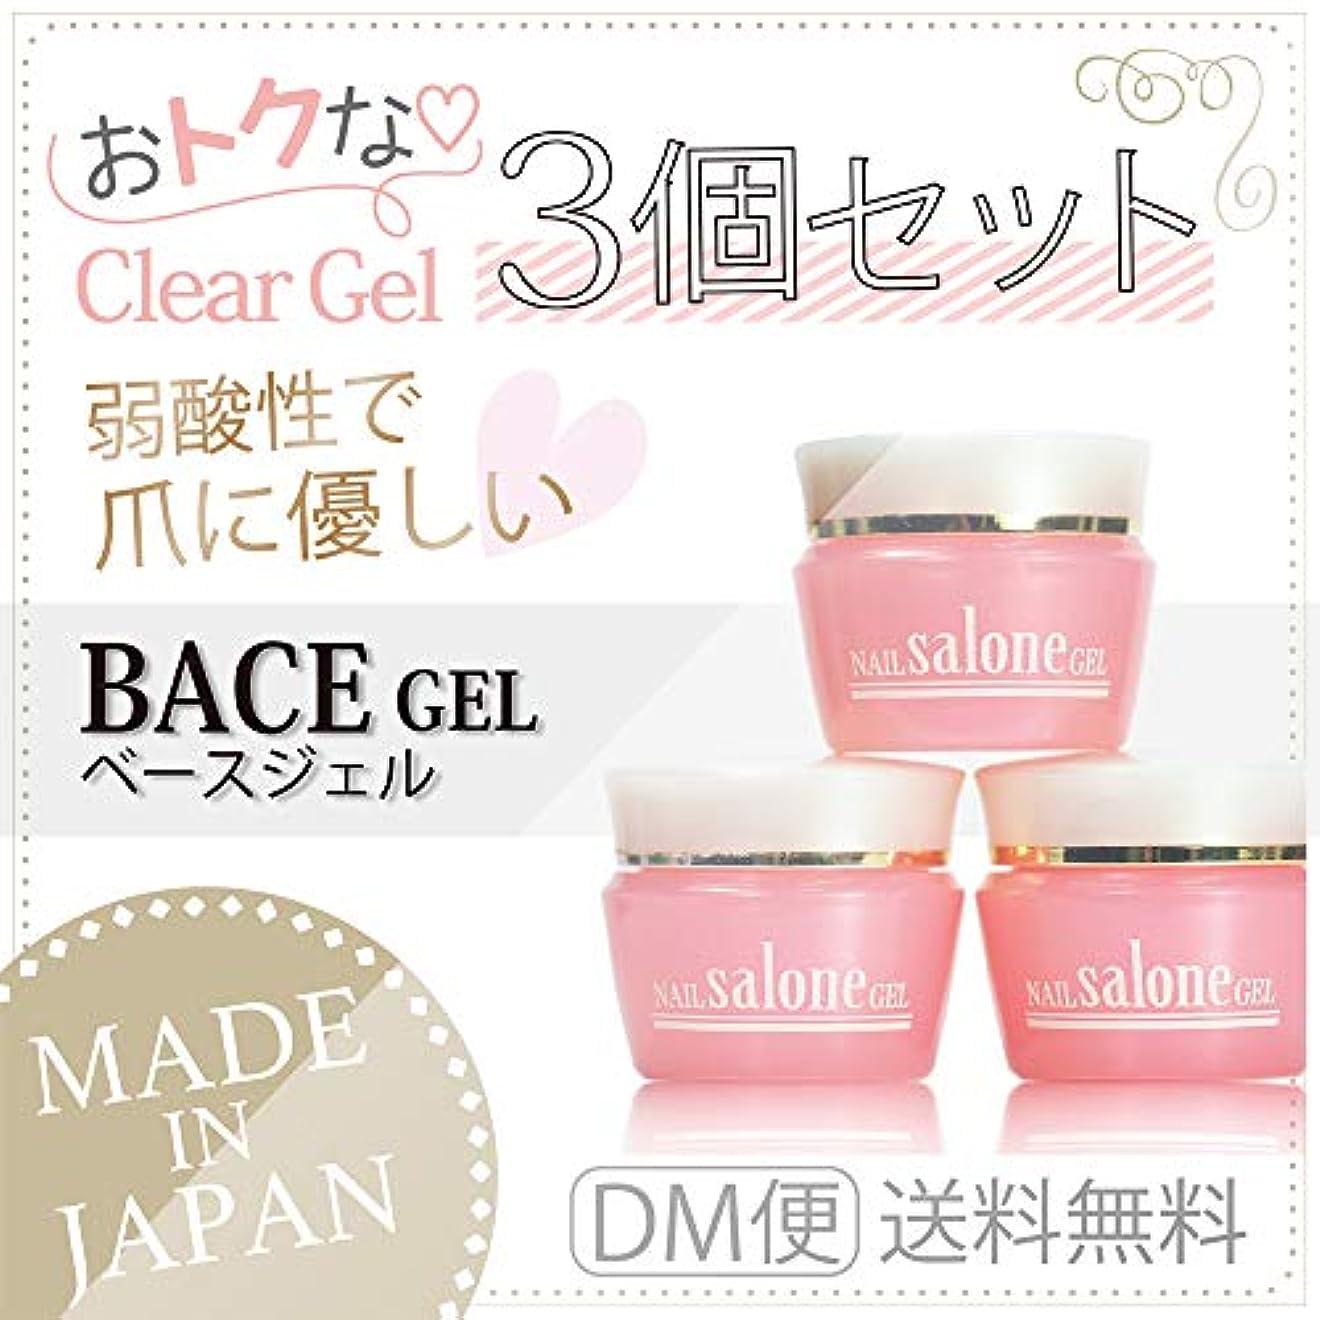 爆風モニカ版Salone gel サローネ ベースジェル お得な3個セット 爪に優しい 日本製 驚きの密着力 リムーバーでオフも簡単3g